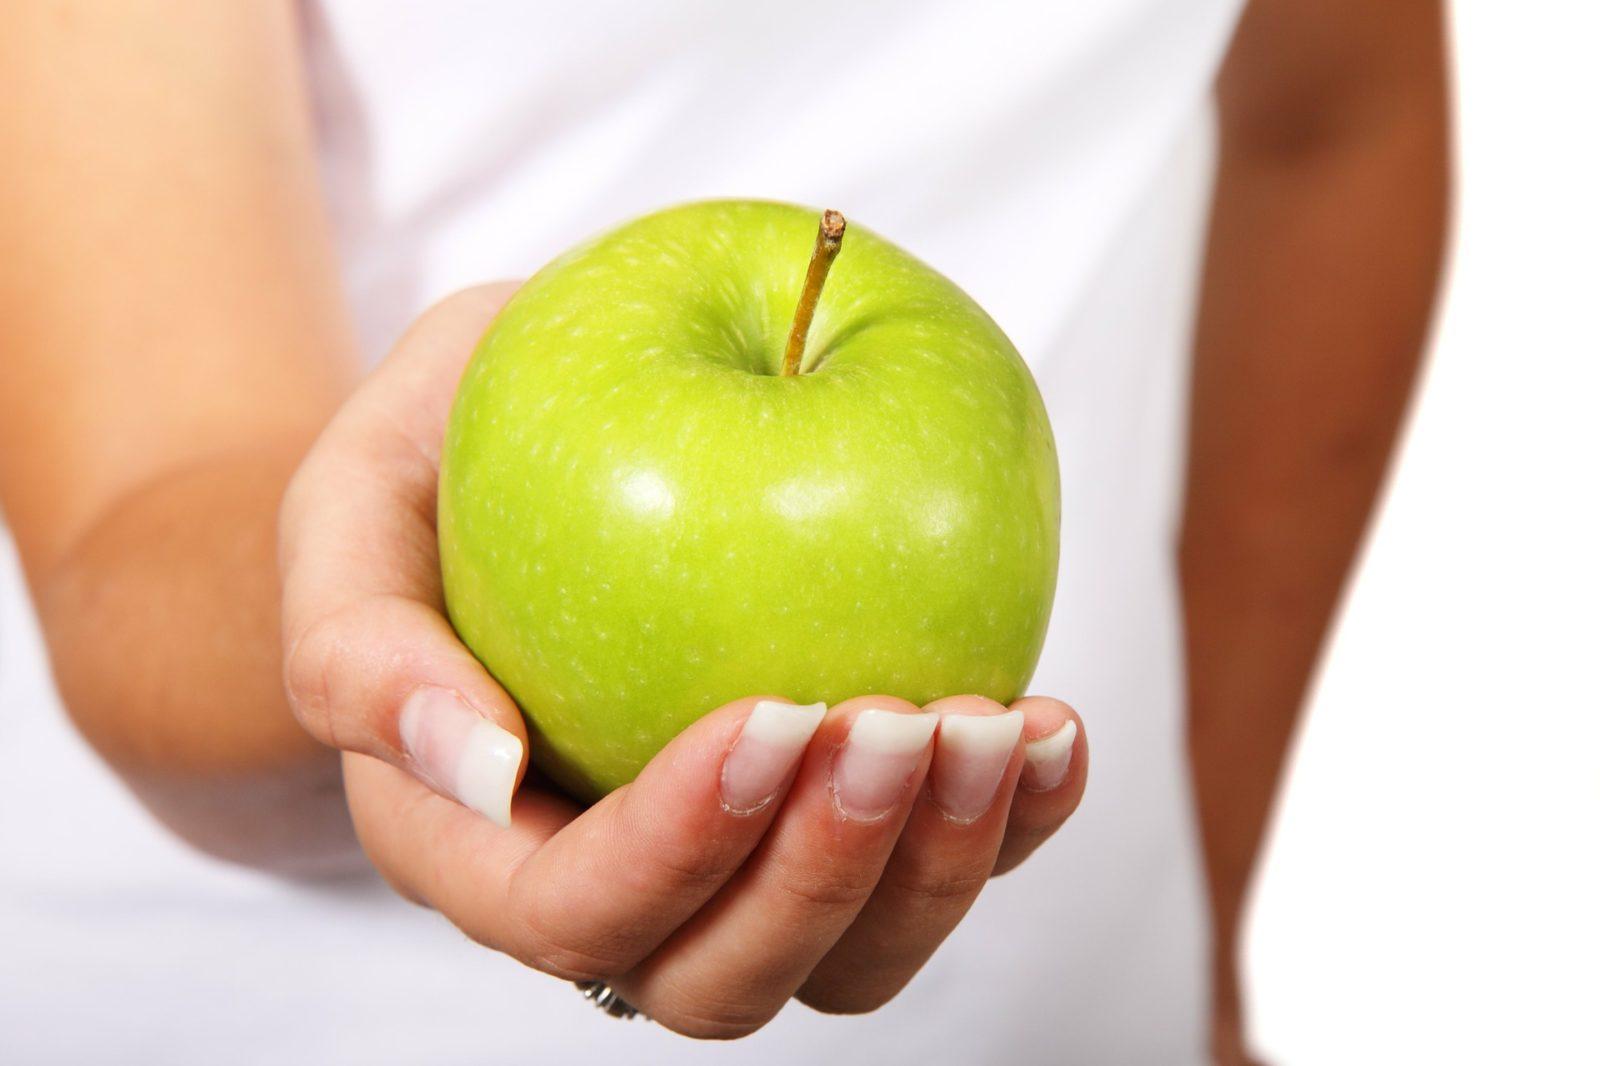 Способствует Ли Яблоки Похудению. Если яблоки кушать сладкие то можно похудеть. Можно ли похудеть на яблоках